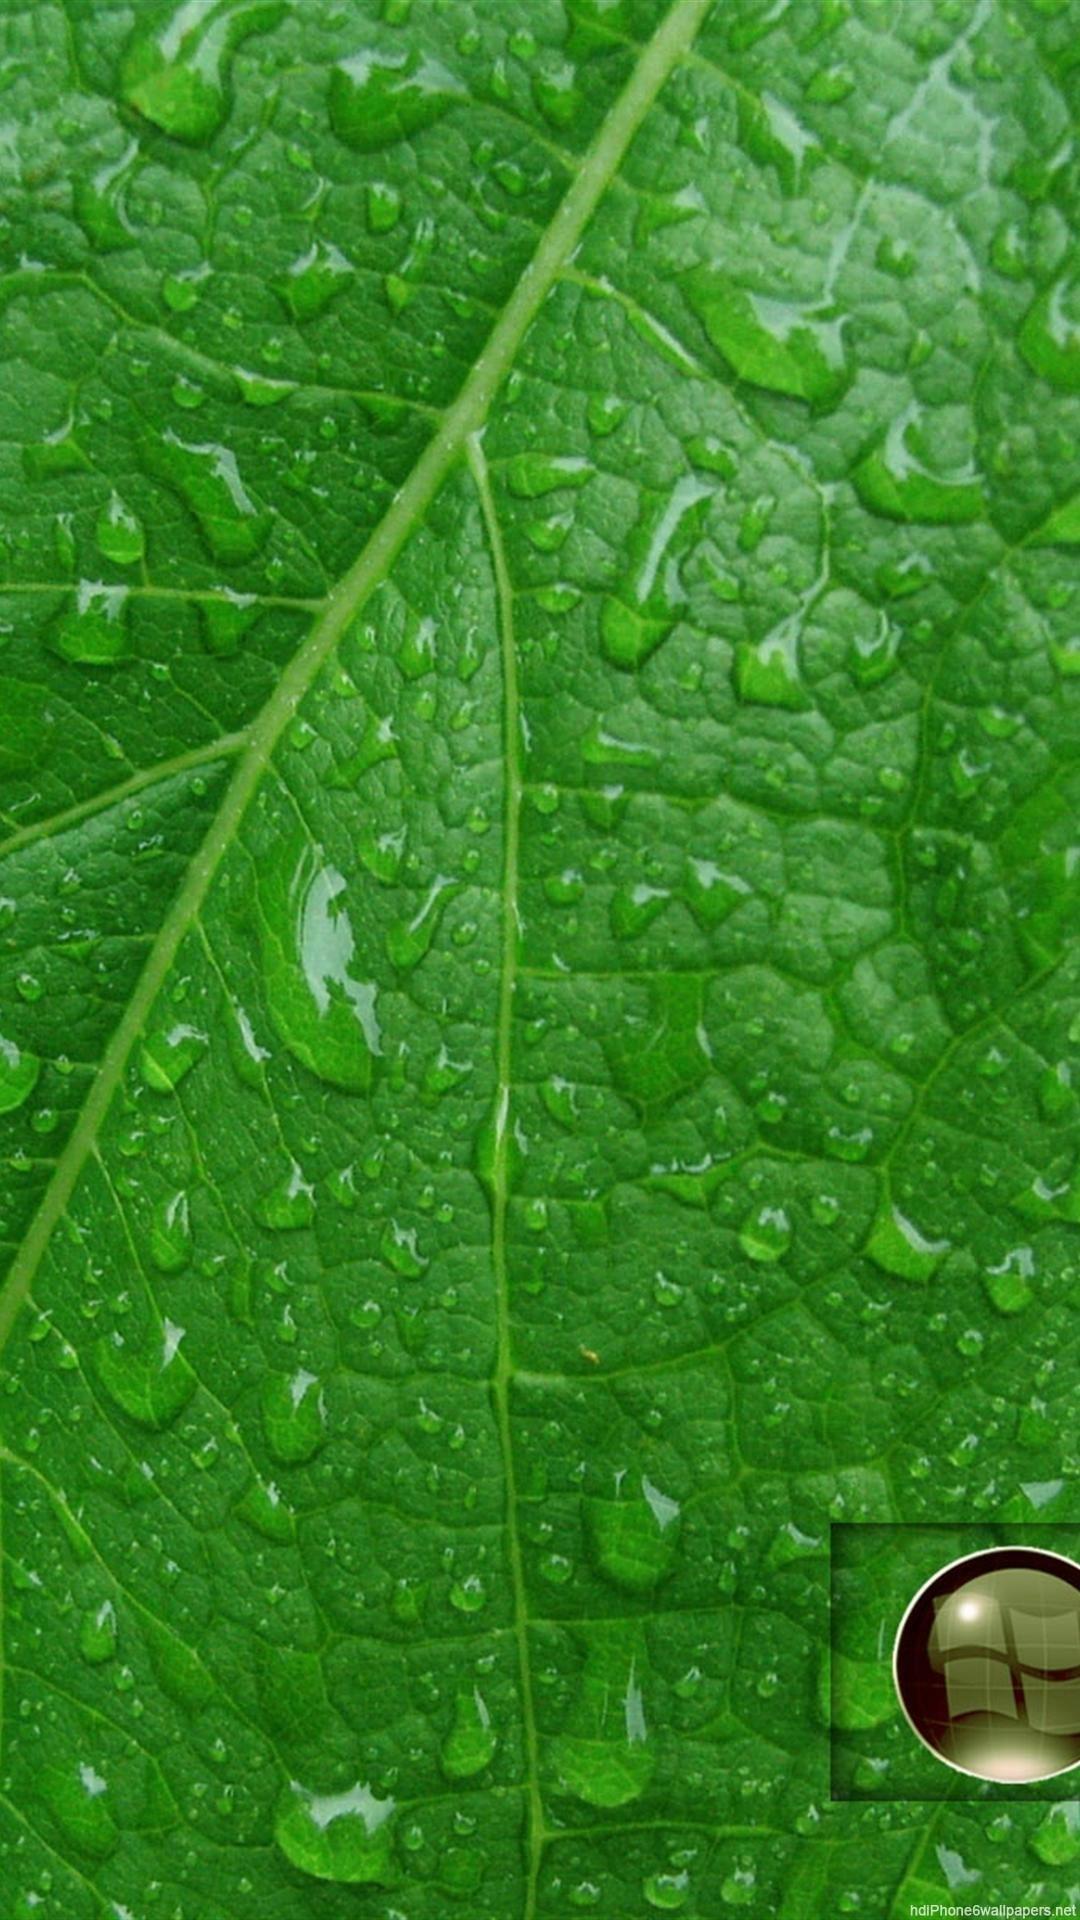 Rain Drop Wallpaper Hd Green Leaf Wallpaper Hd 70 Images